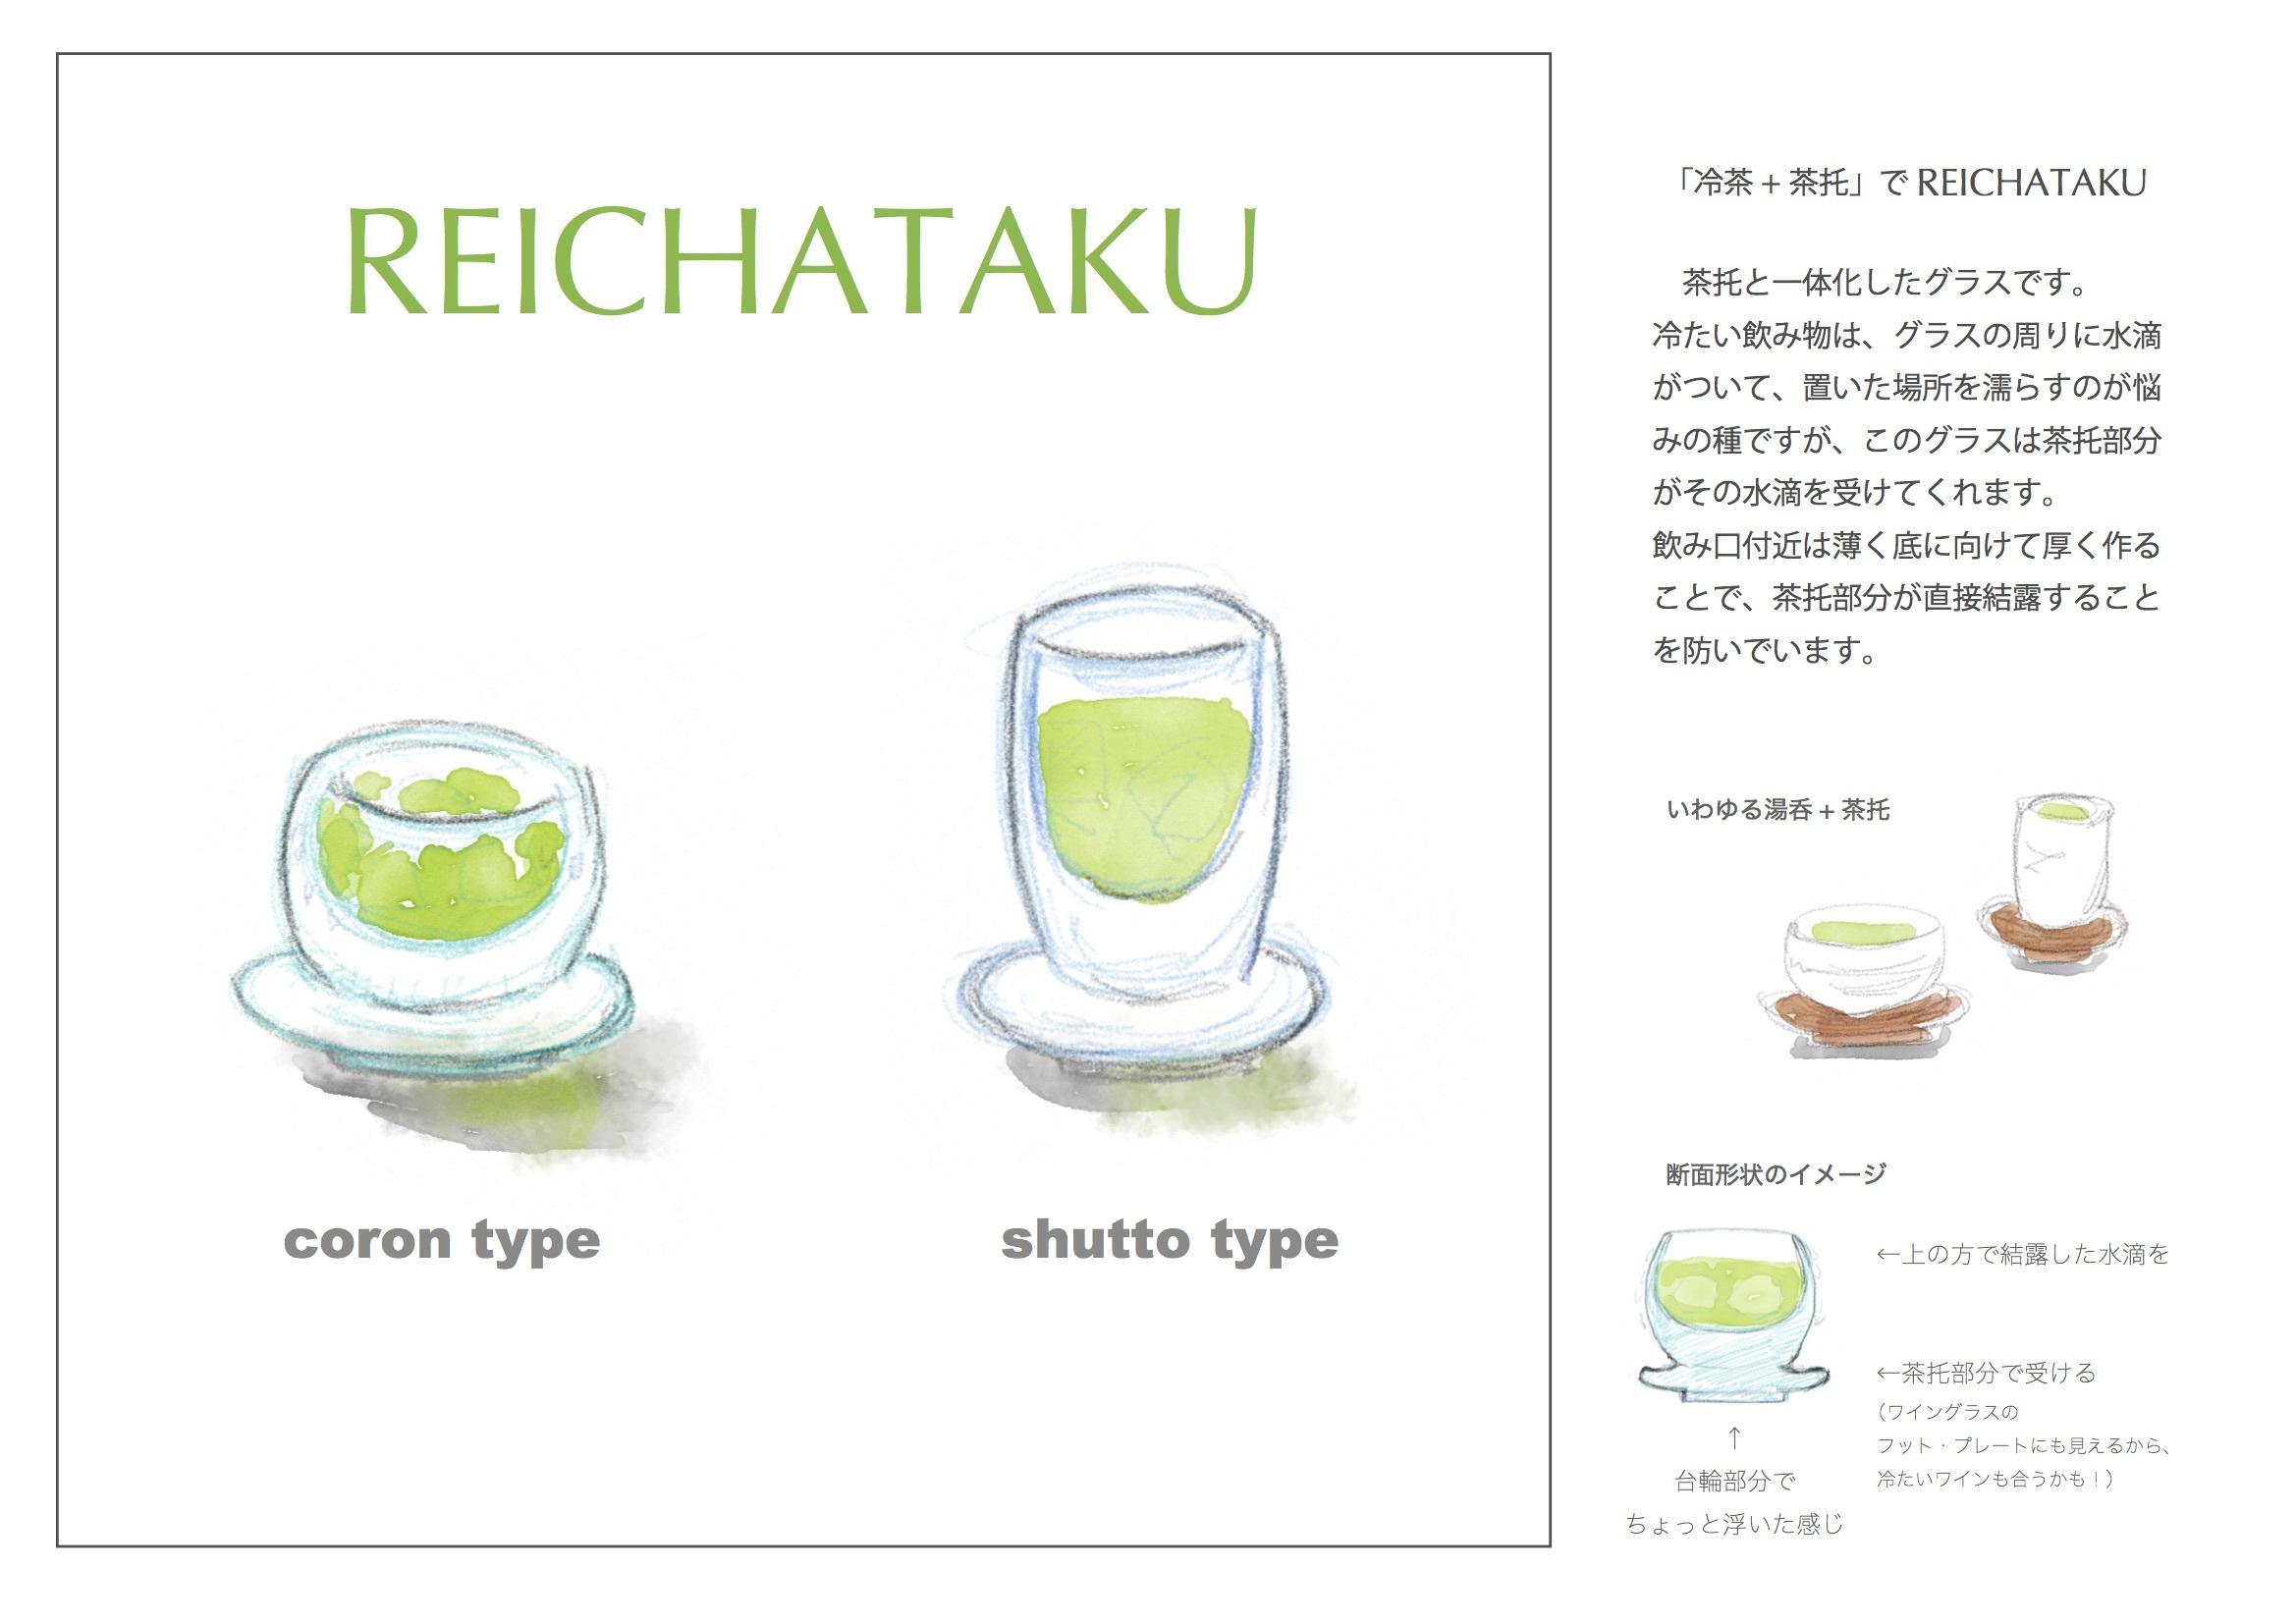 【コンペ】冷茶用グラスの提案(落選ですが)_a0117794_15392338.jpg